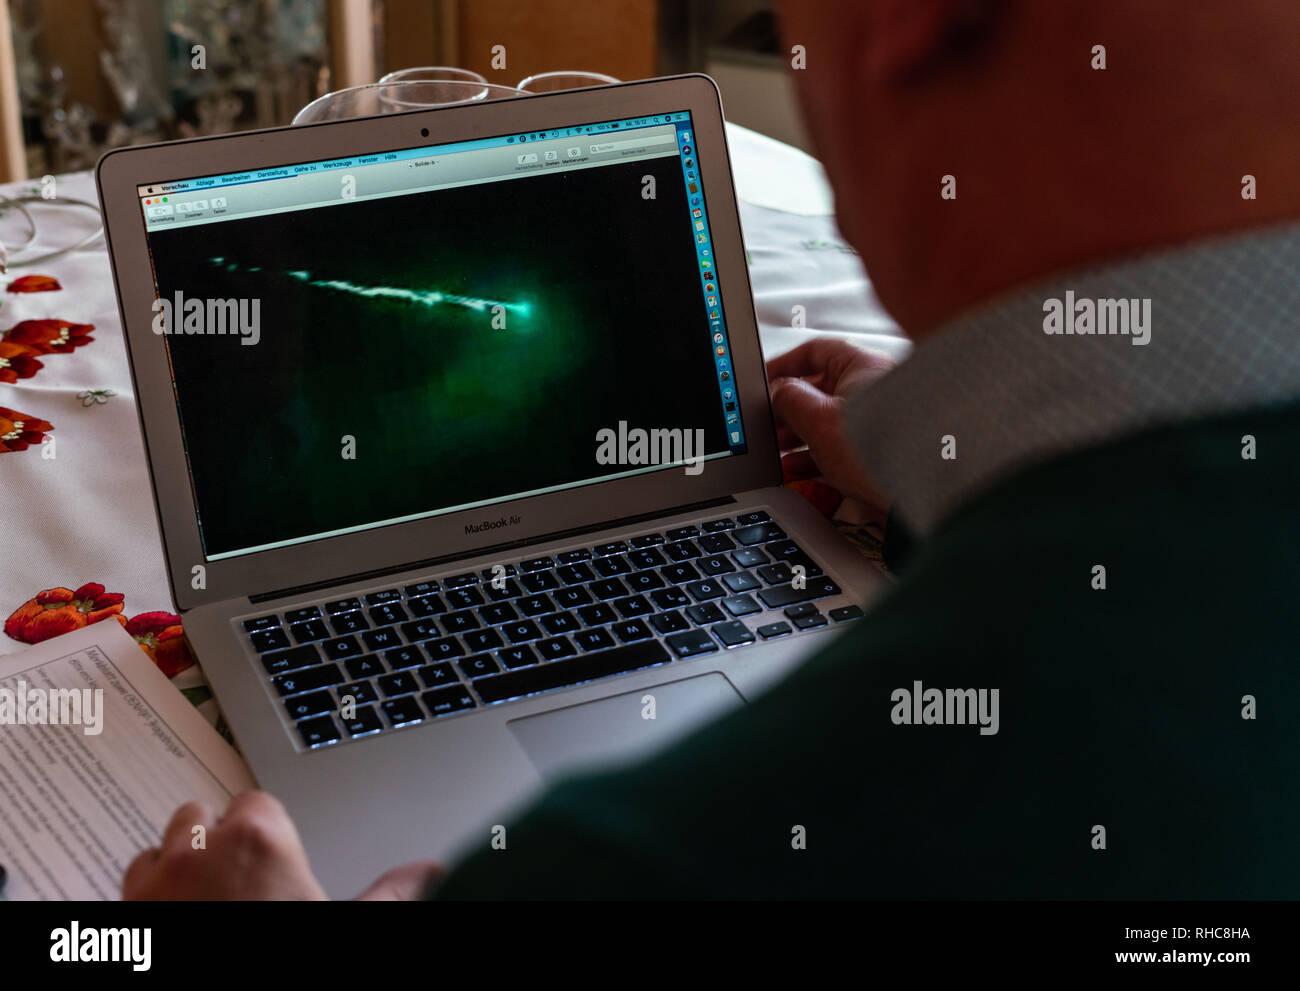 """16 Januar 2019, Hessen, Lützelbach-Breitenbrunn: Hansjürgen Köhler von der Zentralen Forschung Netzwerk von außergewöhnlicher Himmelserscheinungen (CENAP) sitzt in seiner Studie am Computer. Er schaut auf ein Bild, das ihm geschickt wurde und - auf den ersten geheimnisvoll - Zeigt das Eindringen einer so genannte Bolide, eine große Sternschnuppe, in die Atmosphäre der Erde. Die hobby Astronom und Ufo-Forscher, hat es seine Aufgabe zu fliegende Objekte und Wetterphänomene und die Öffentlichkeit darüber zu informieren. (Dpa' Erleuchtung durch Grund: Ufo Hunters, Archiv online"""" vom 02.02.2019) Foto: Frank Stockbild"""